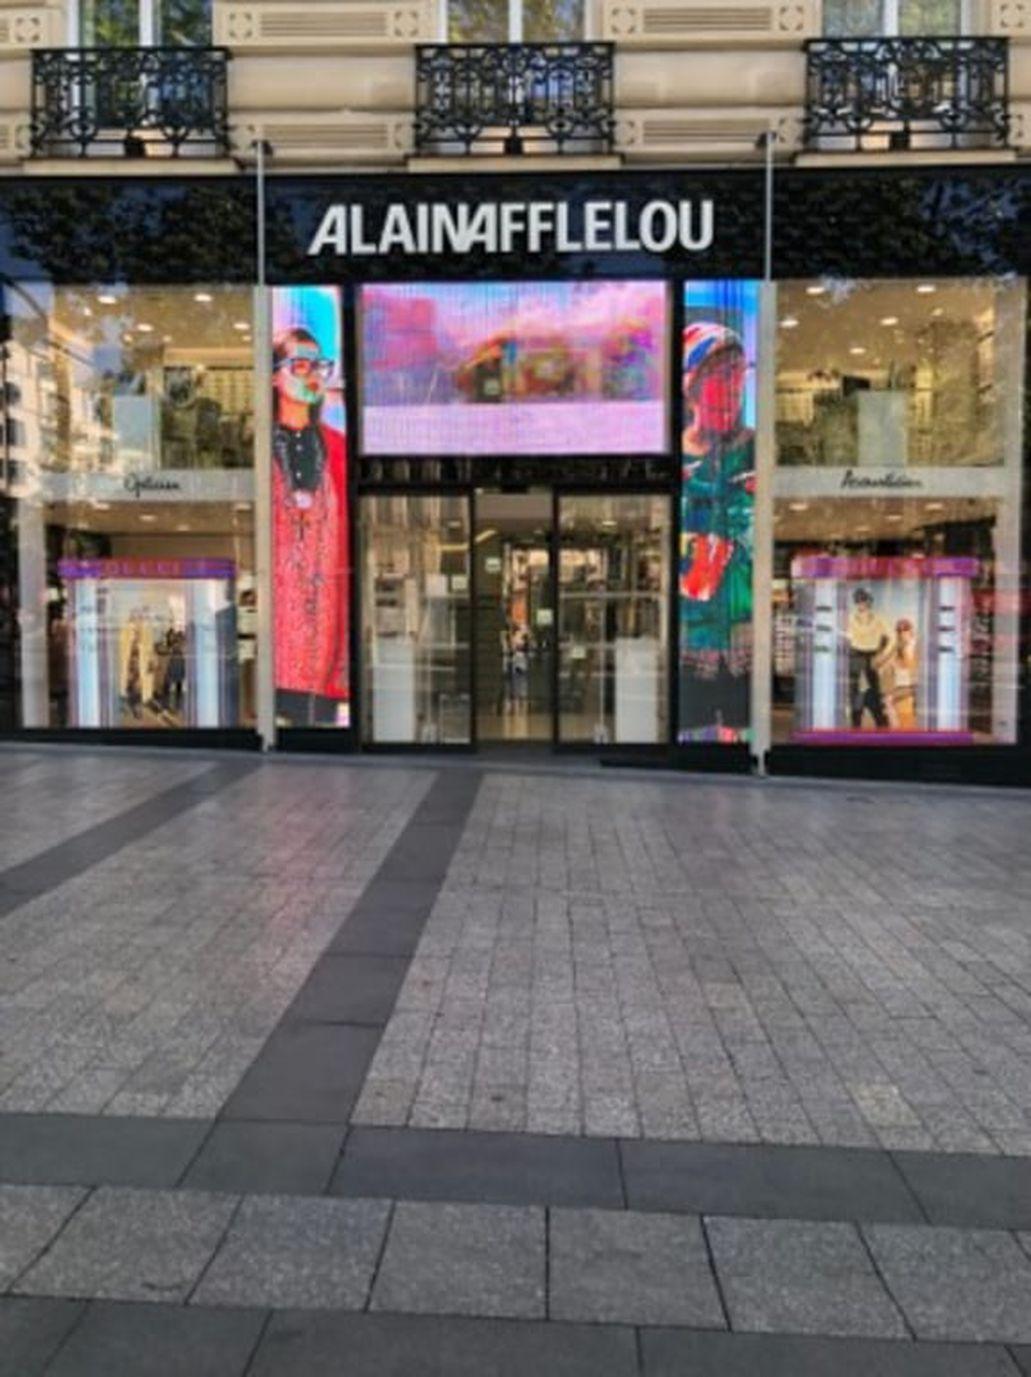 Champs Elysées Avenue Opticien 104 75008 Afflelou Des Paris vnw8y0PmNO